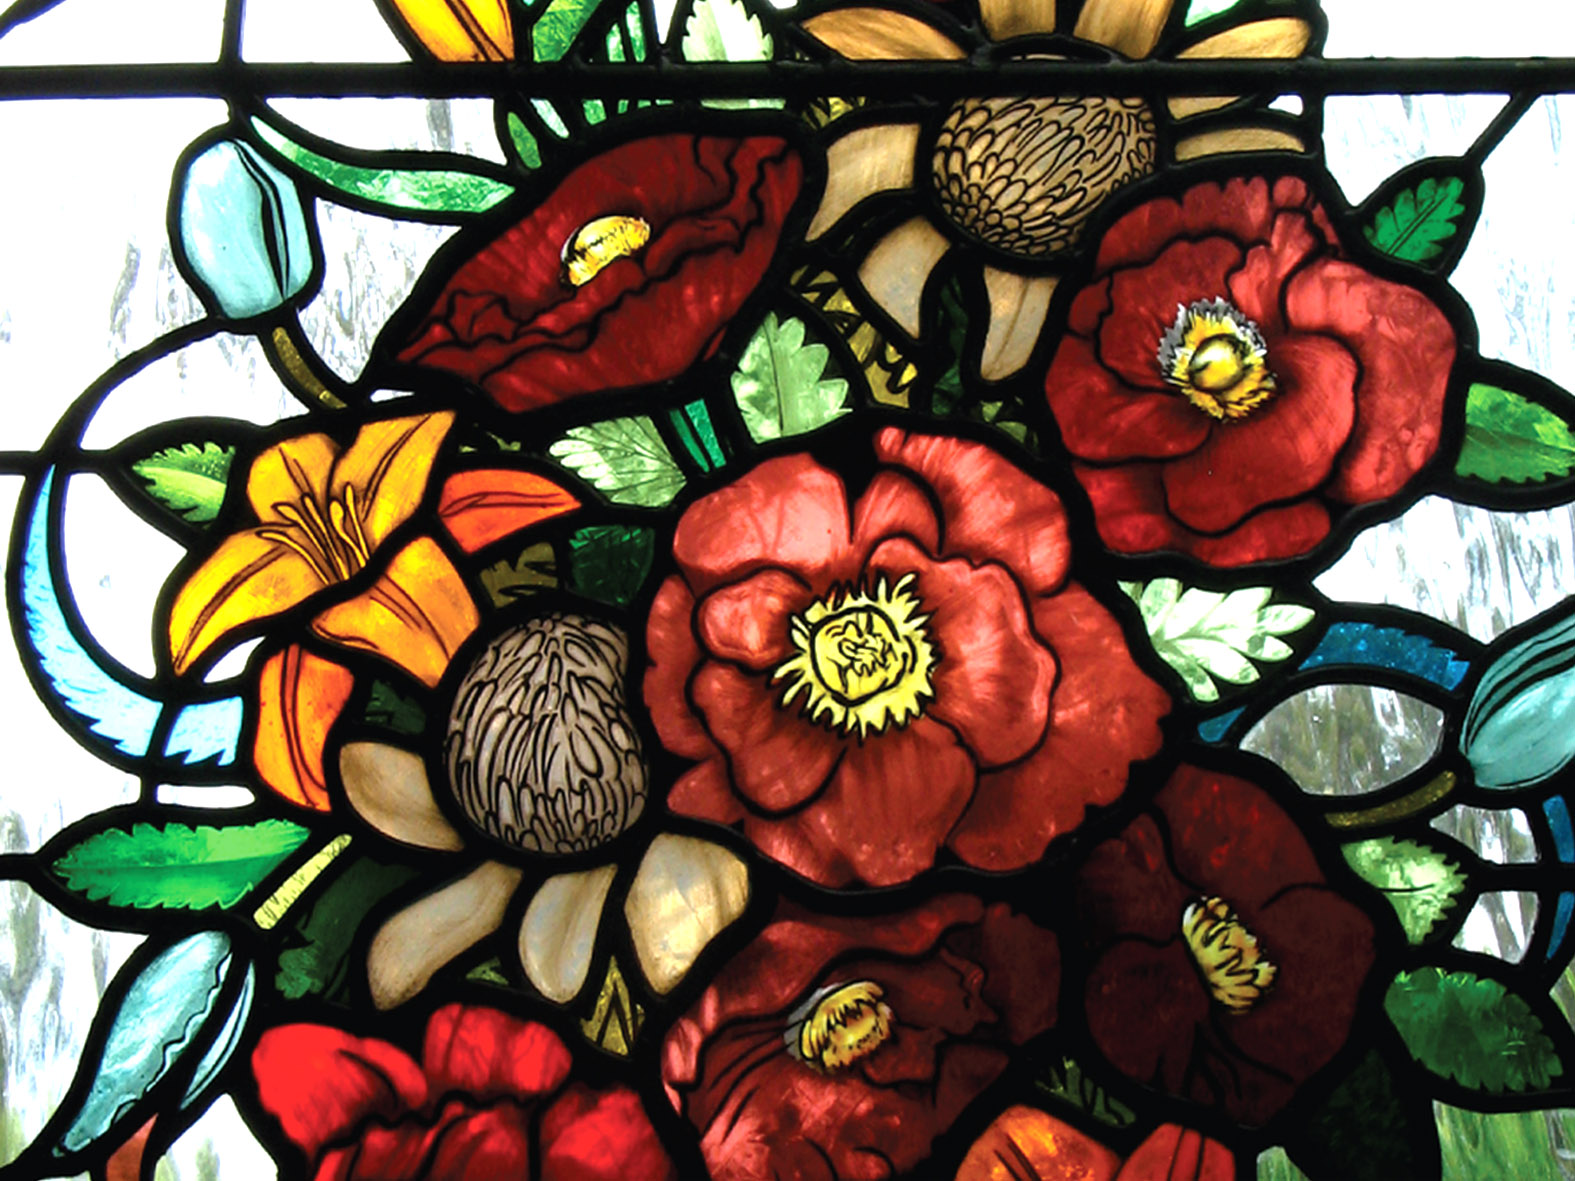 floral cluster leadlight leigh schellekens